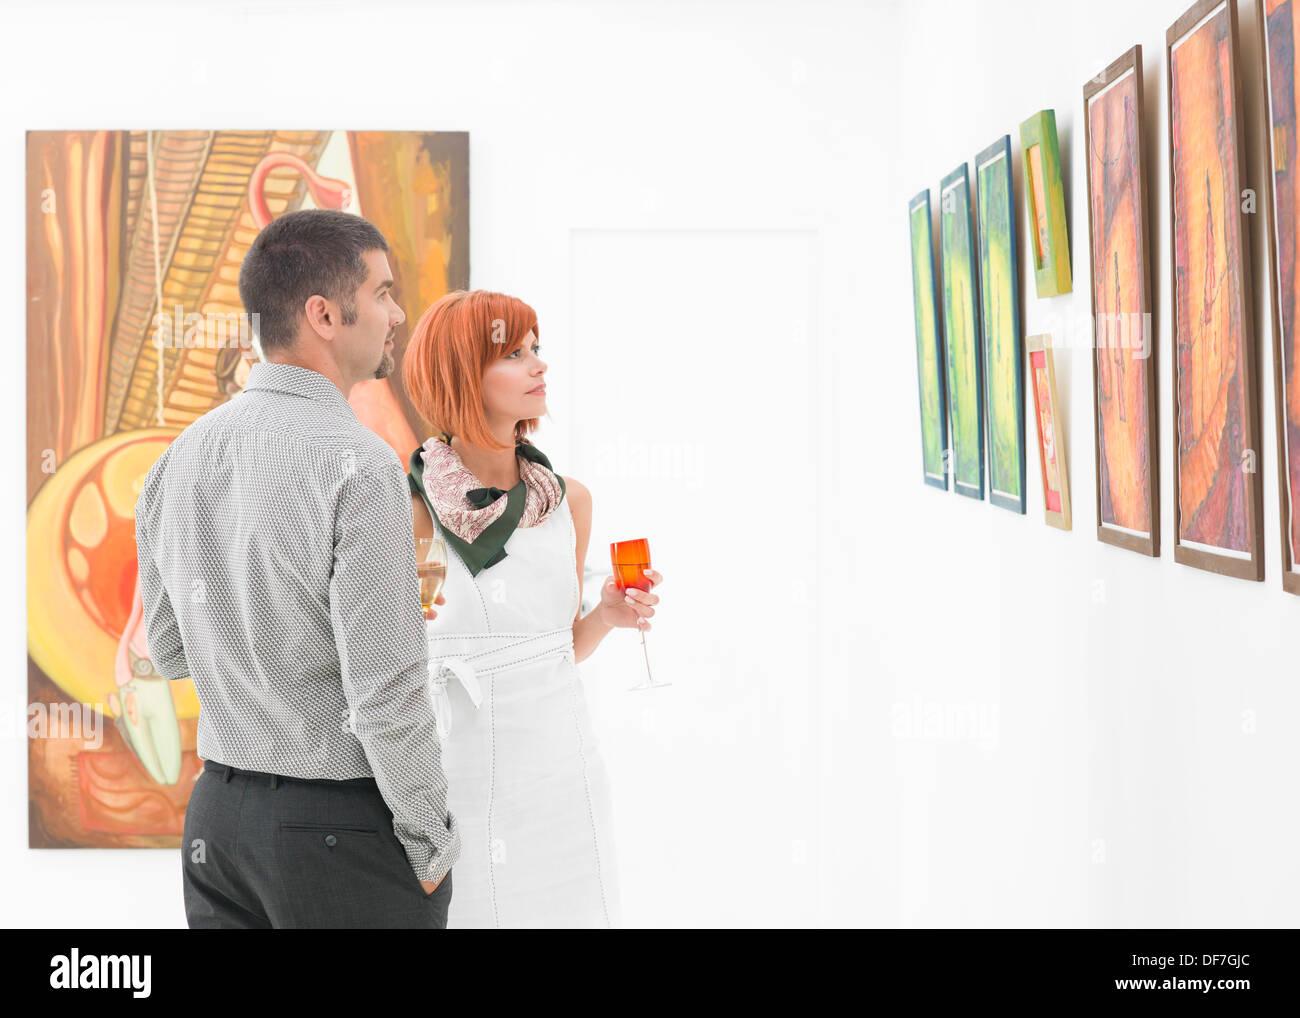 Young caucasian couple debout dans une galerie et la tenue des verres de vin à la main, contemplant les murs oeuvres apparaissant sur Banque D'Images